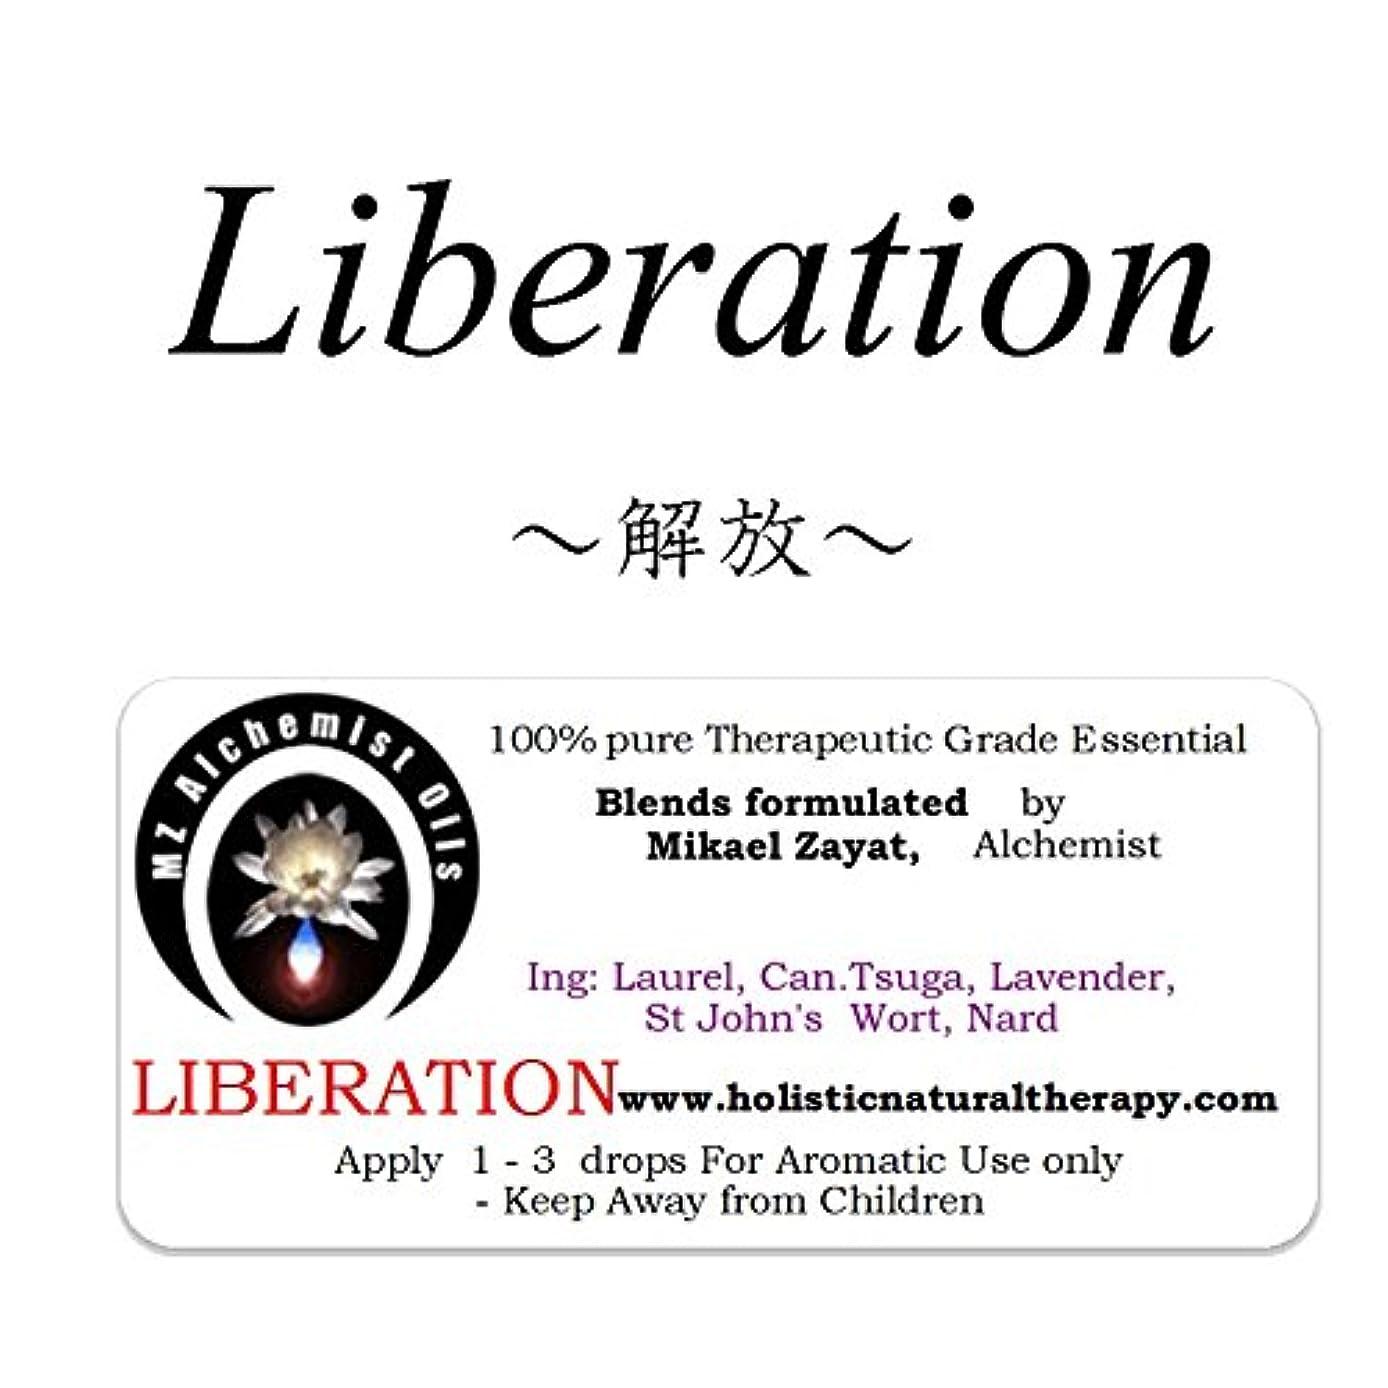 ボリュームほこりっぽい不要ミカエル?ザヤットアルケミストオイル セラピストグレードアロマオイル Liberation-リベレーション(解放)- 4ml